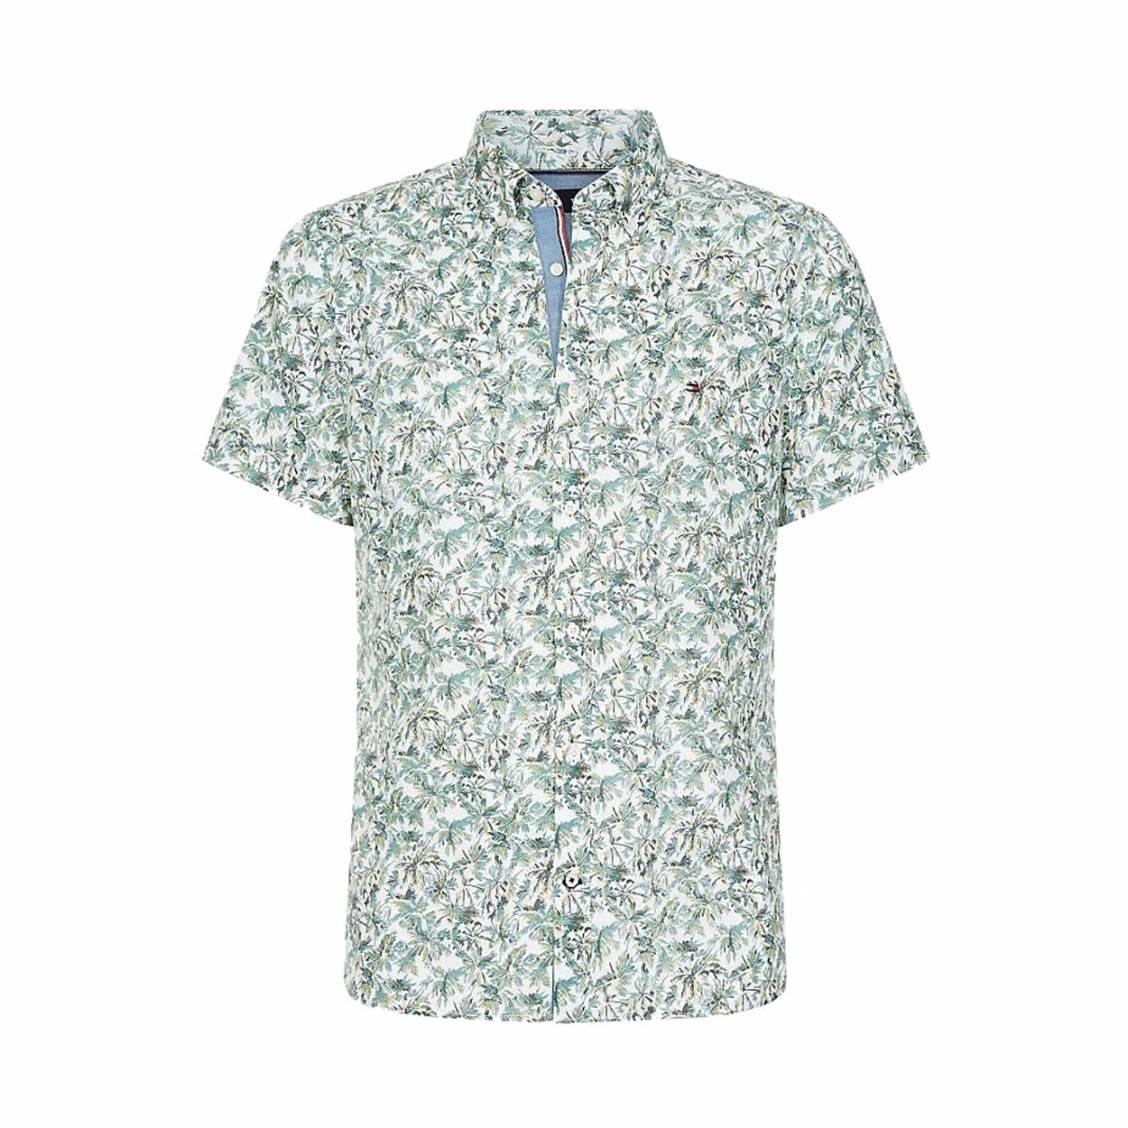 Chemise manches courtes coupe ajustée Tommy Hilfiger en coton et lin blanc à imprimés verts et jaunes